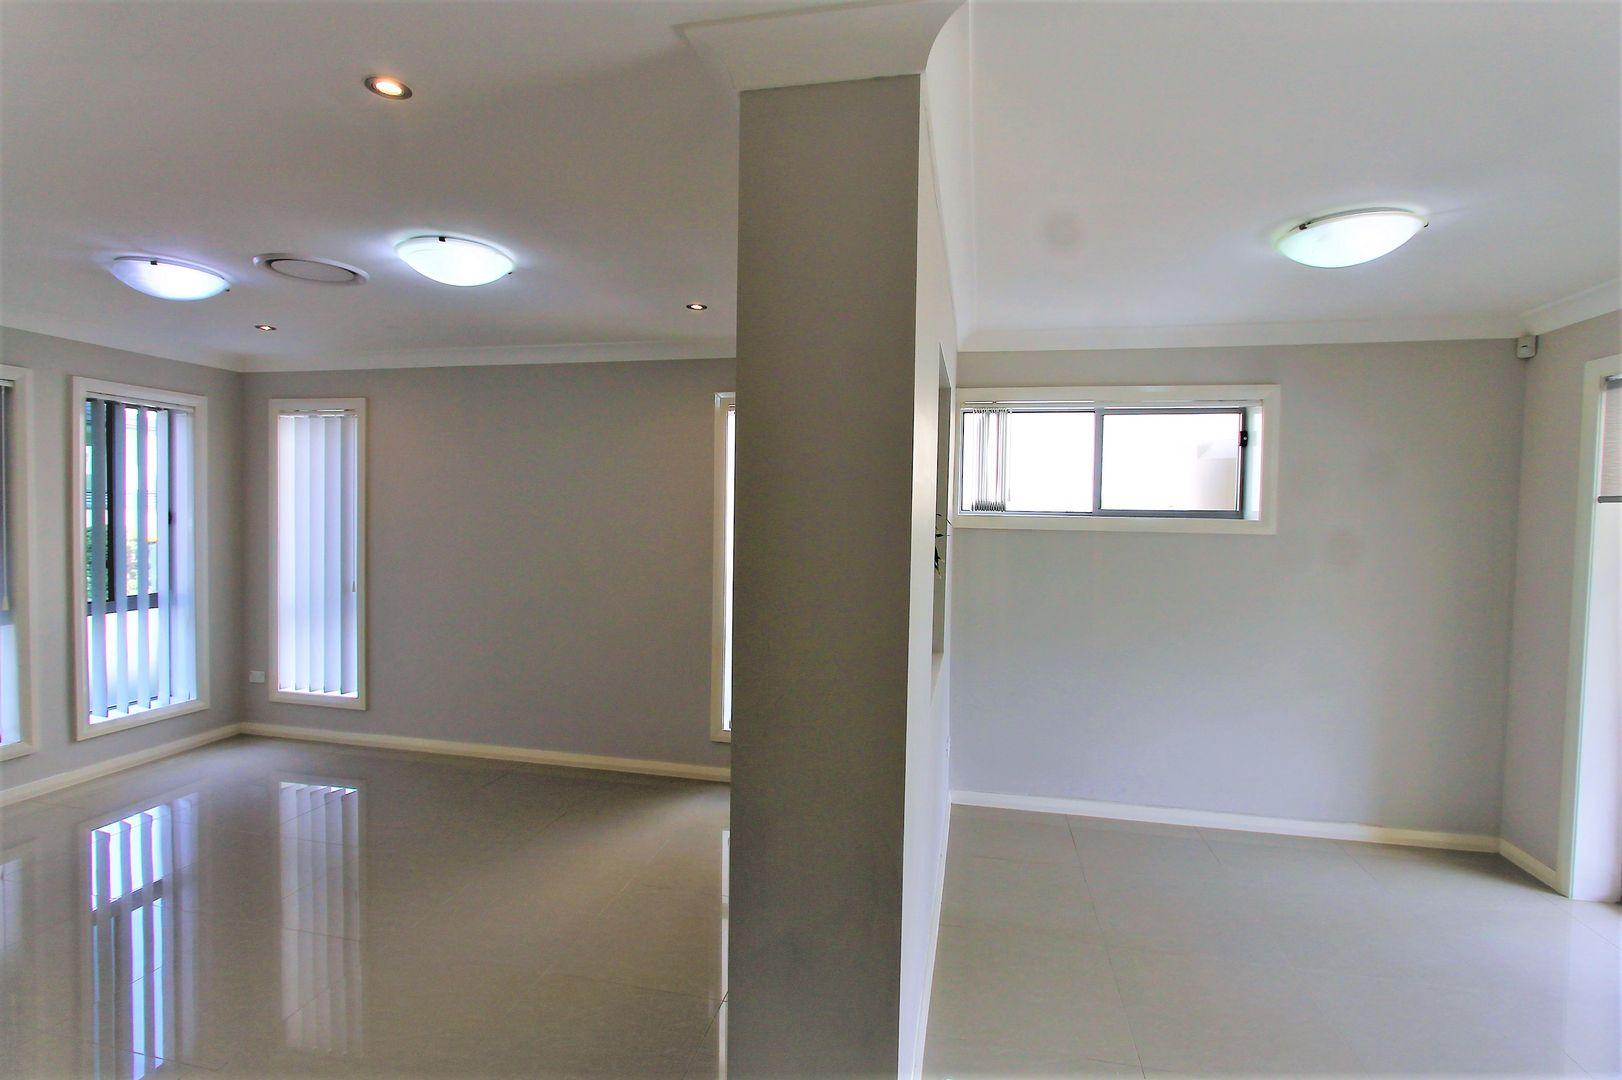 55/131 Hyatts Rd, Plumpton NSW 2761, Image 2